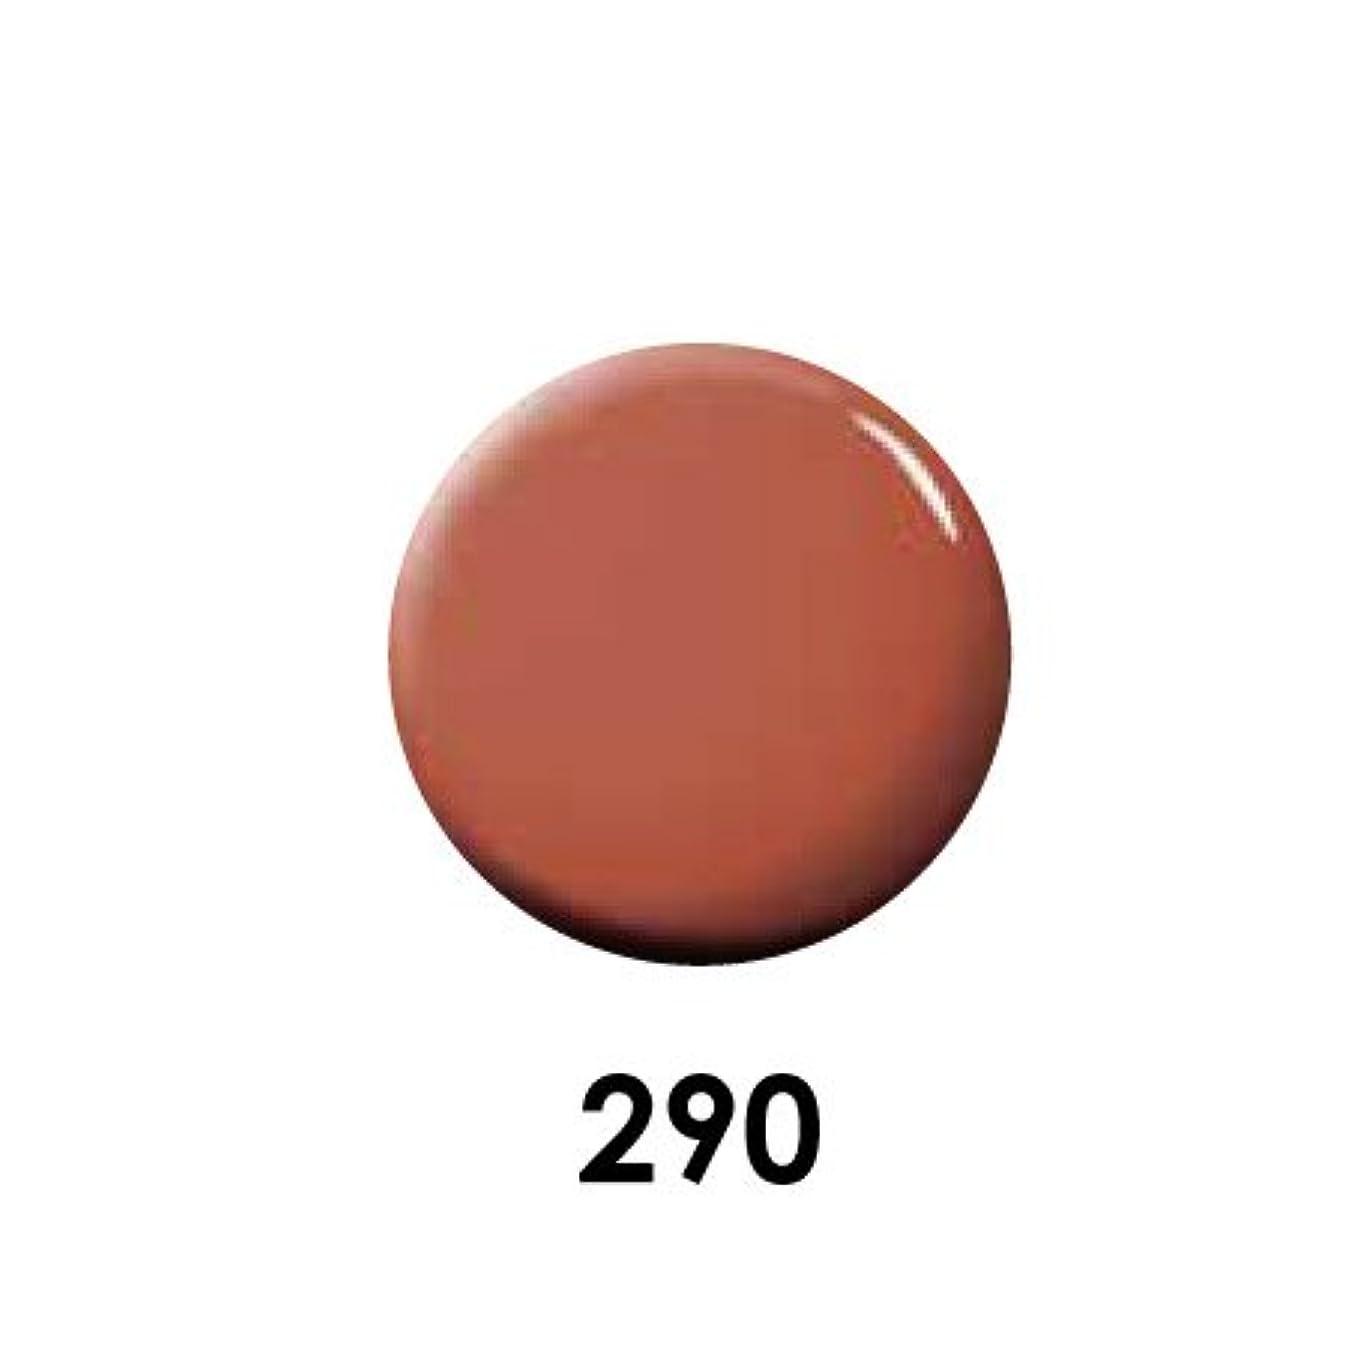 Putiel プティール カラージェル 290 レッドソイル 4g (MARIEプロデュース)